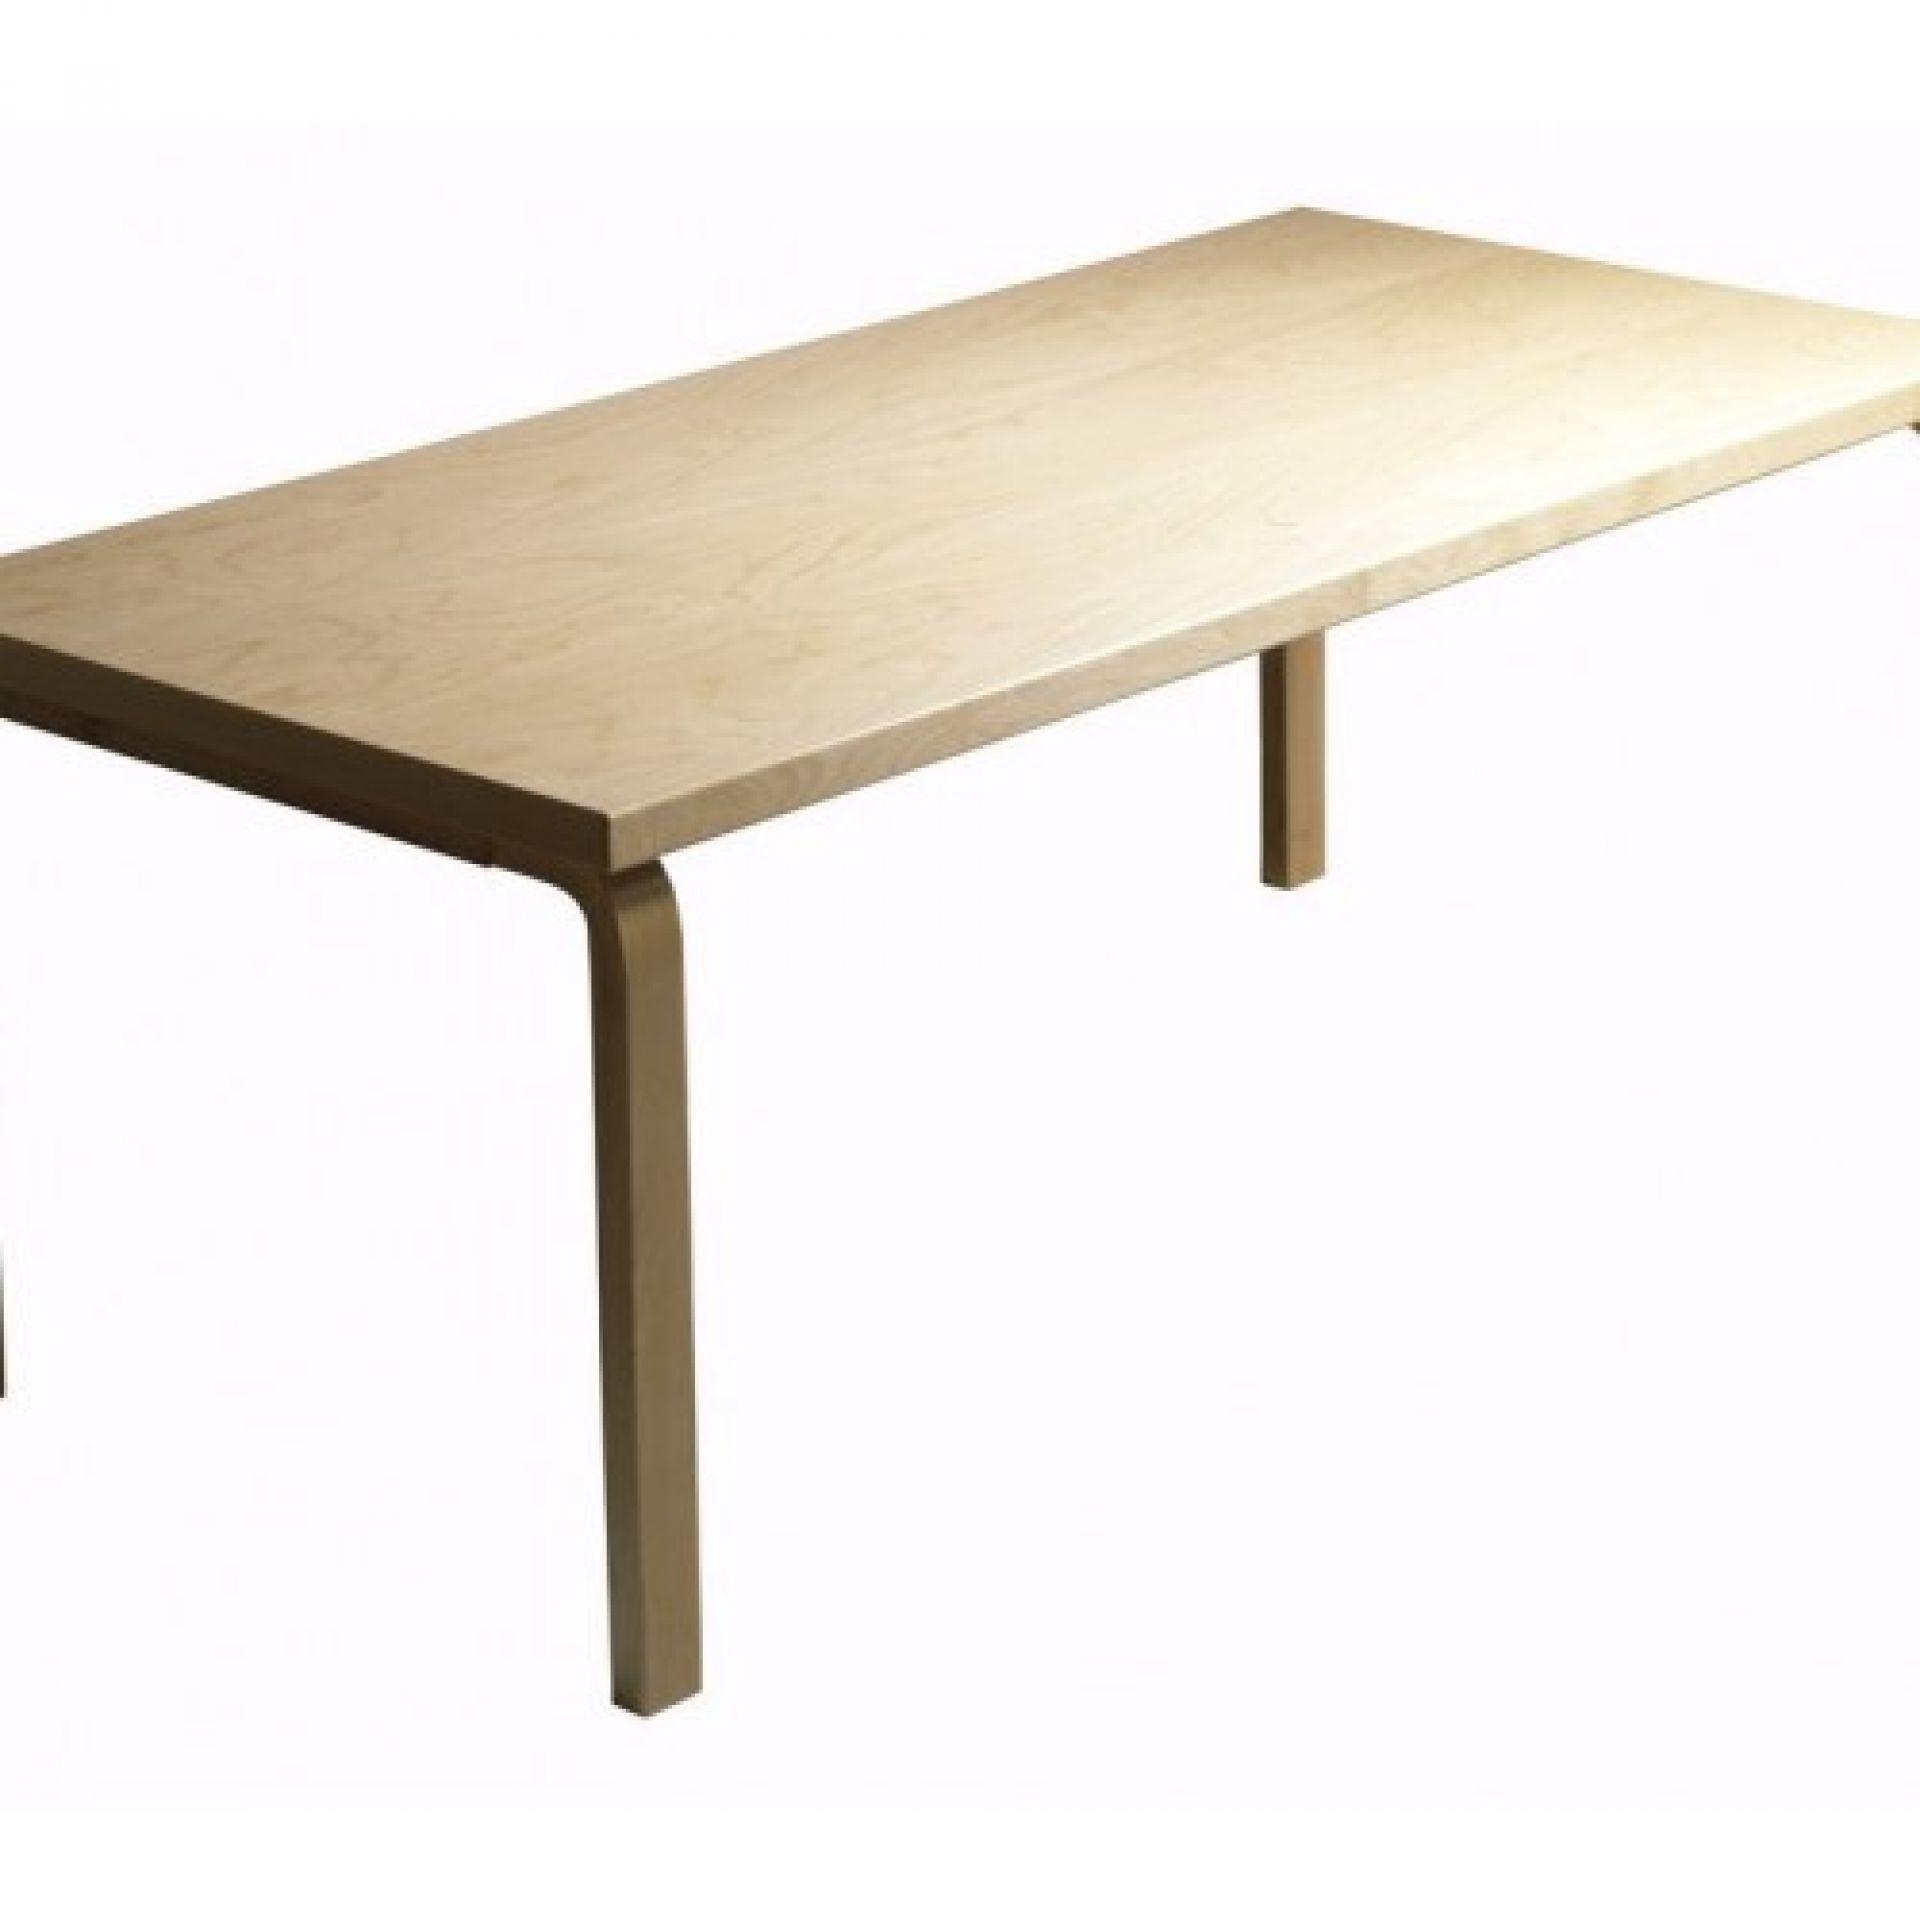 81B Table Artek